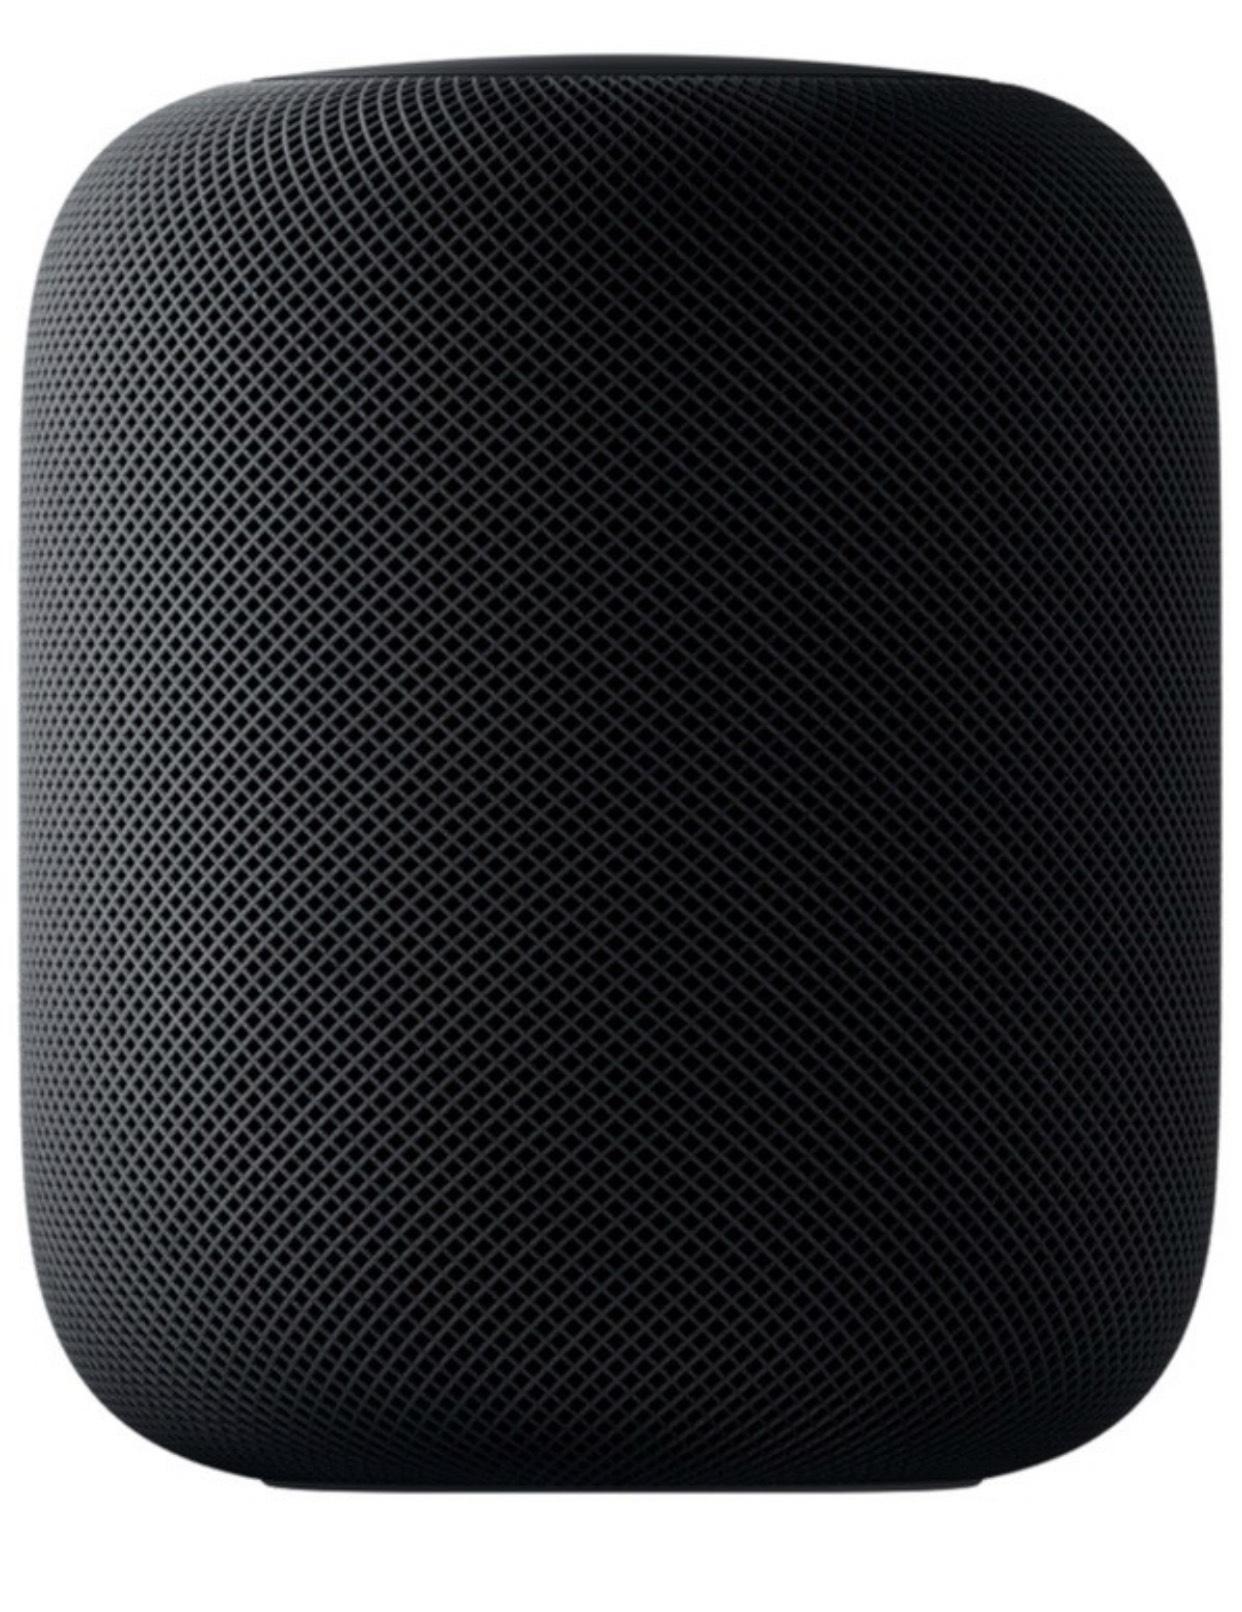 Enceinte intelligente Apple HomePod